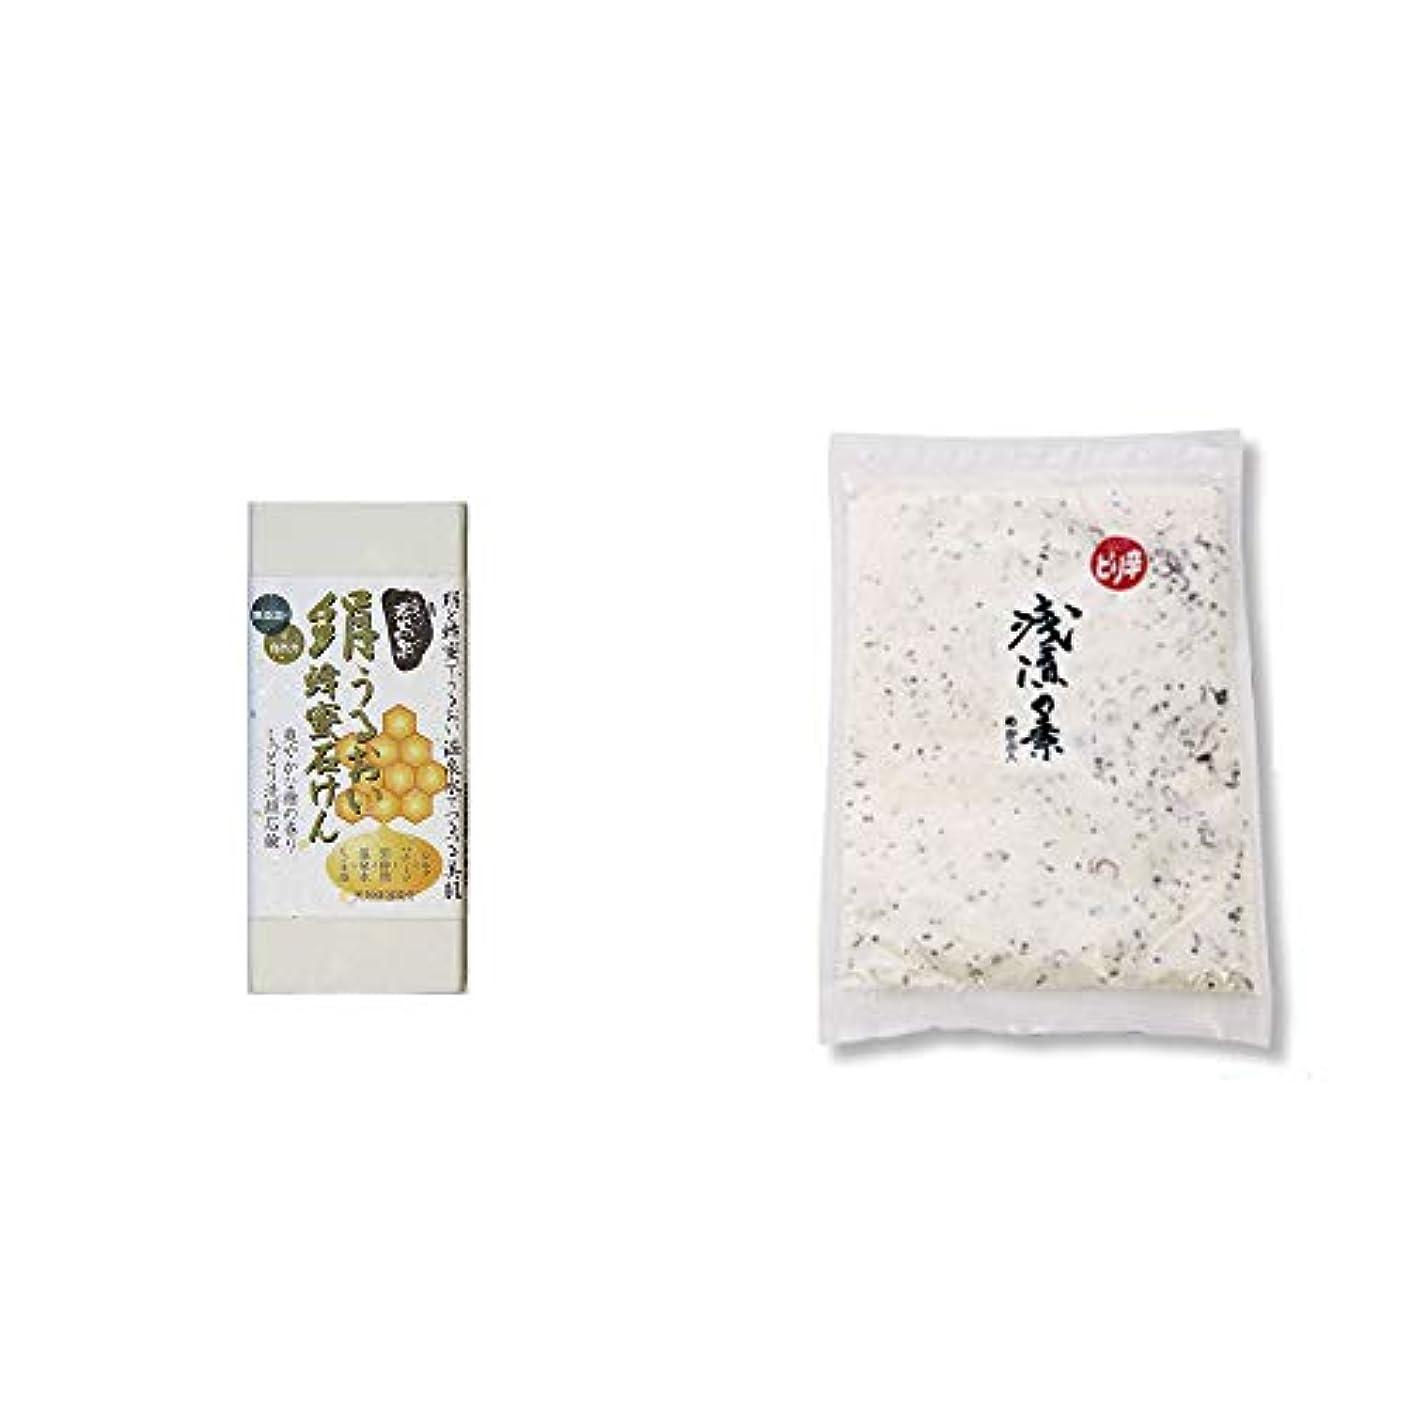 おとうさん添加剤マチュピチュ[2点セット] ひのき炭黒泉 絹うるおい蜂蜜石けん(75g×2)?浅漬けの素[大](300g)